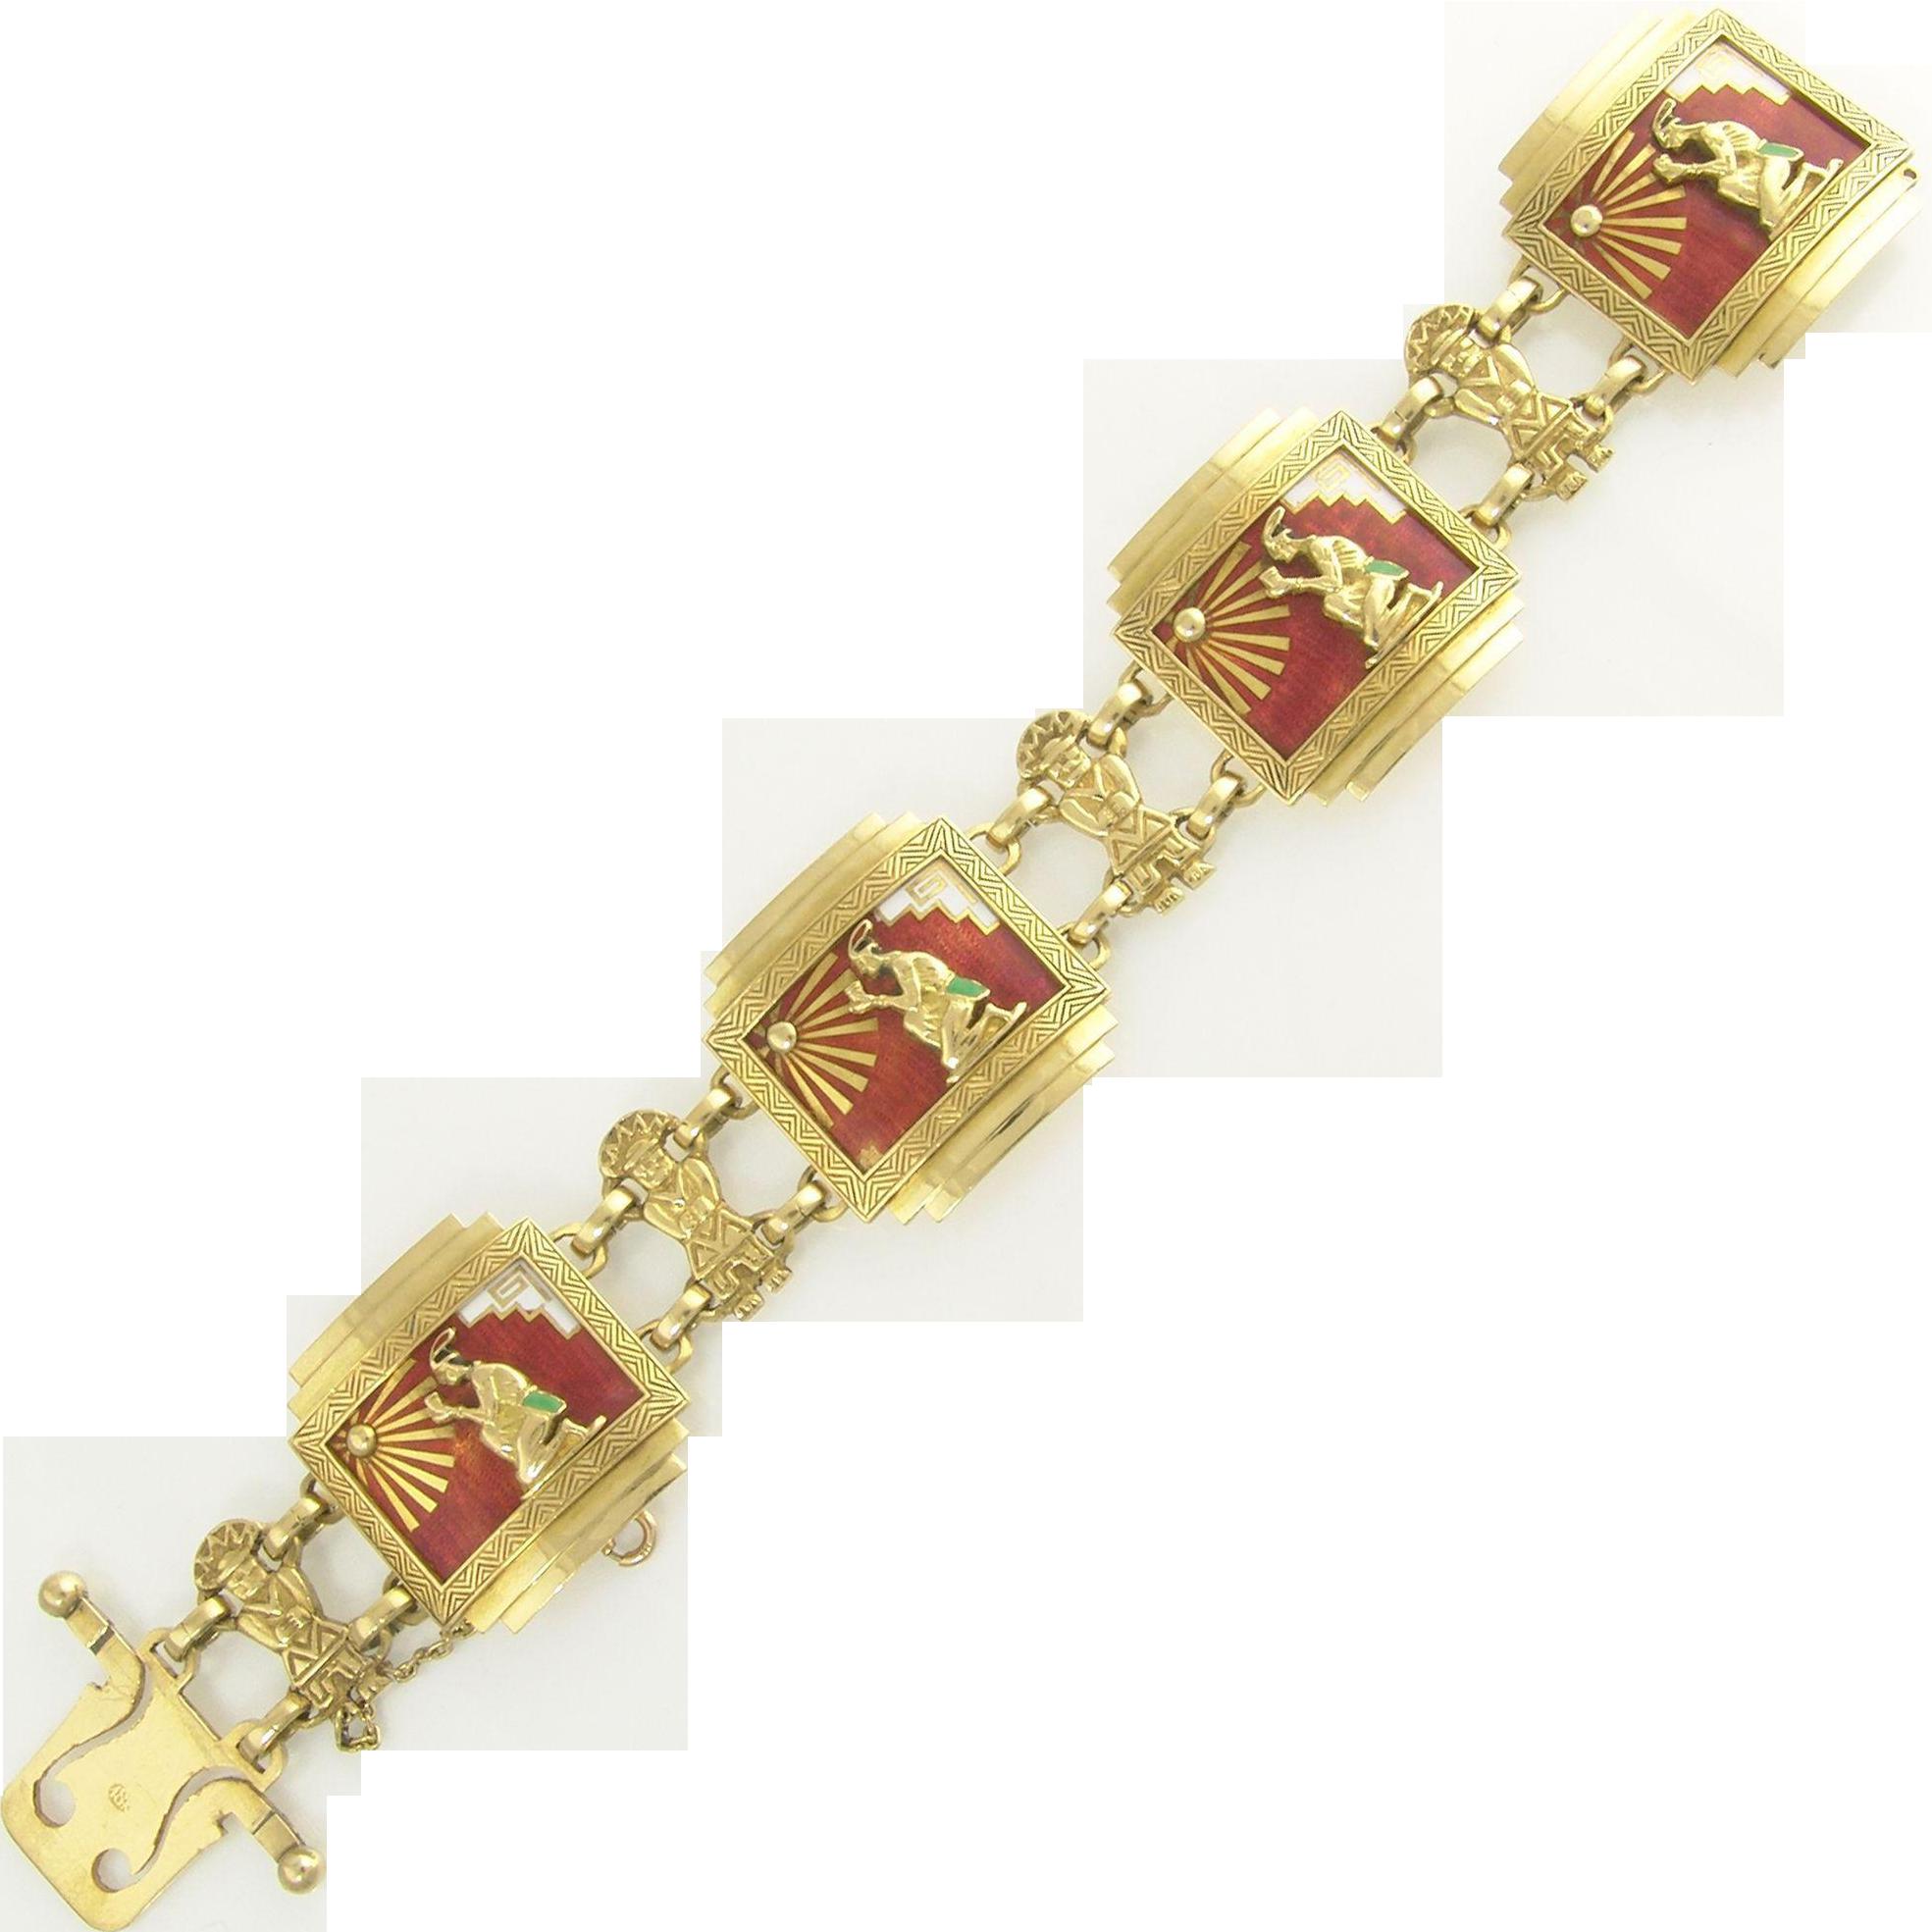 Dramatic Vintage Figural Aztec Red White Black and Green  Enamel Link Bracelet in 18k